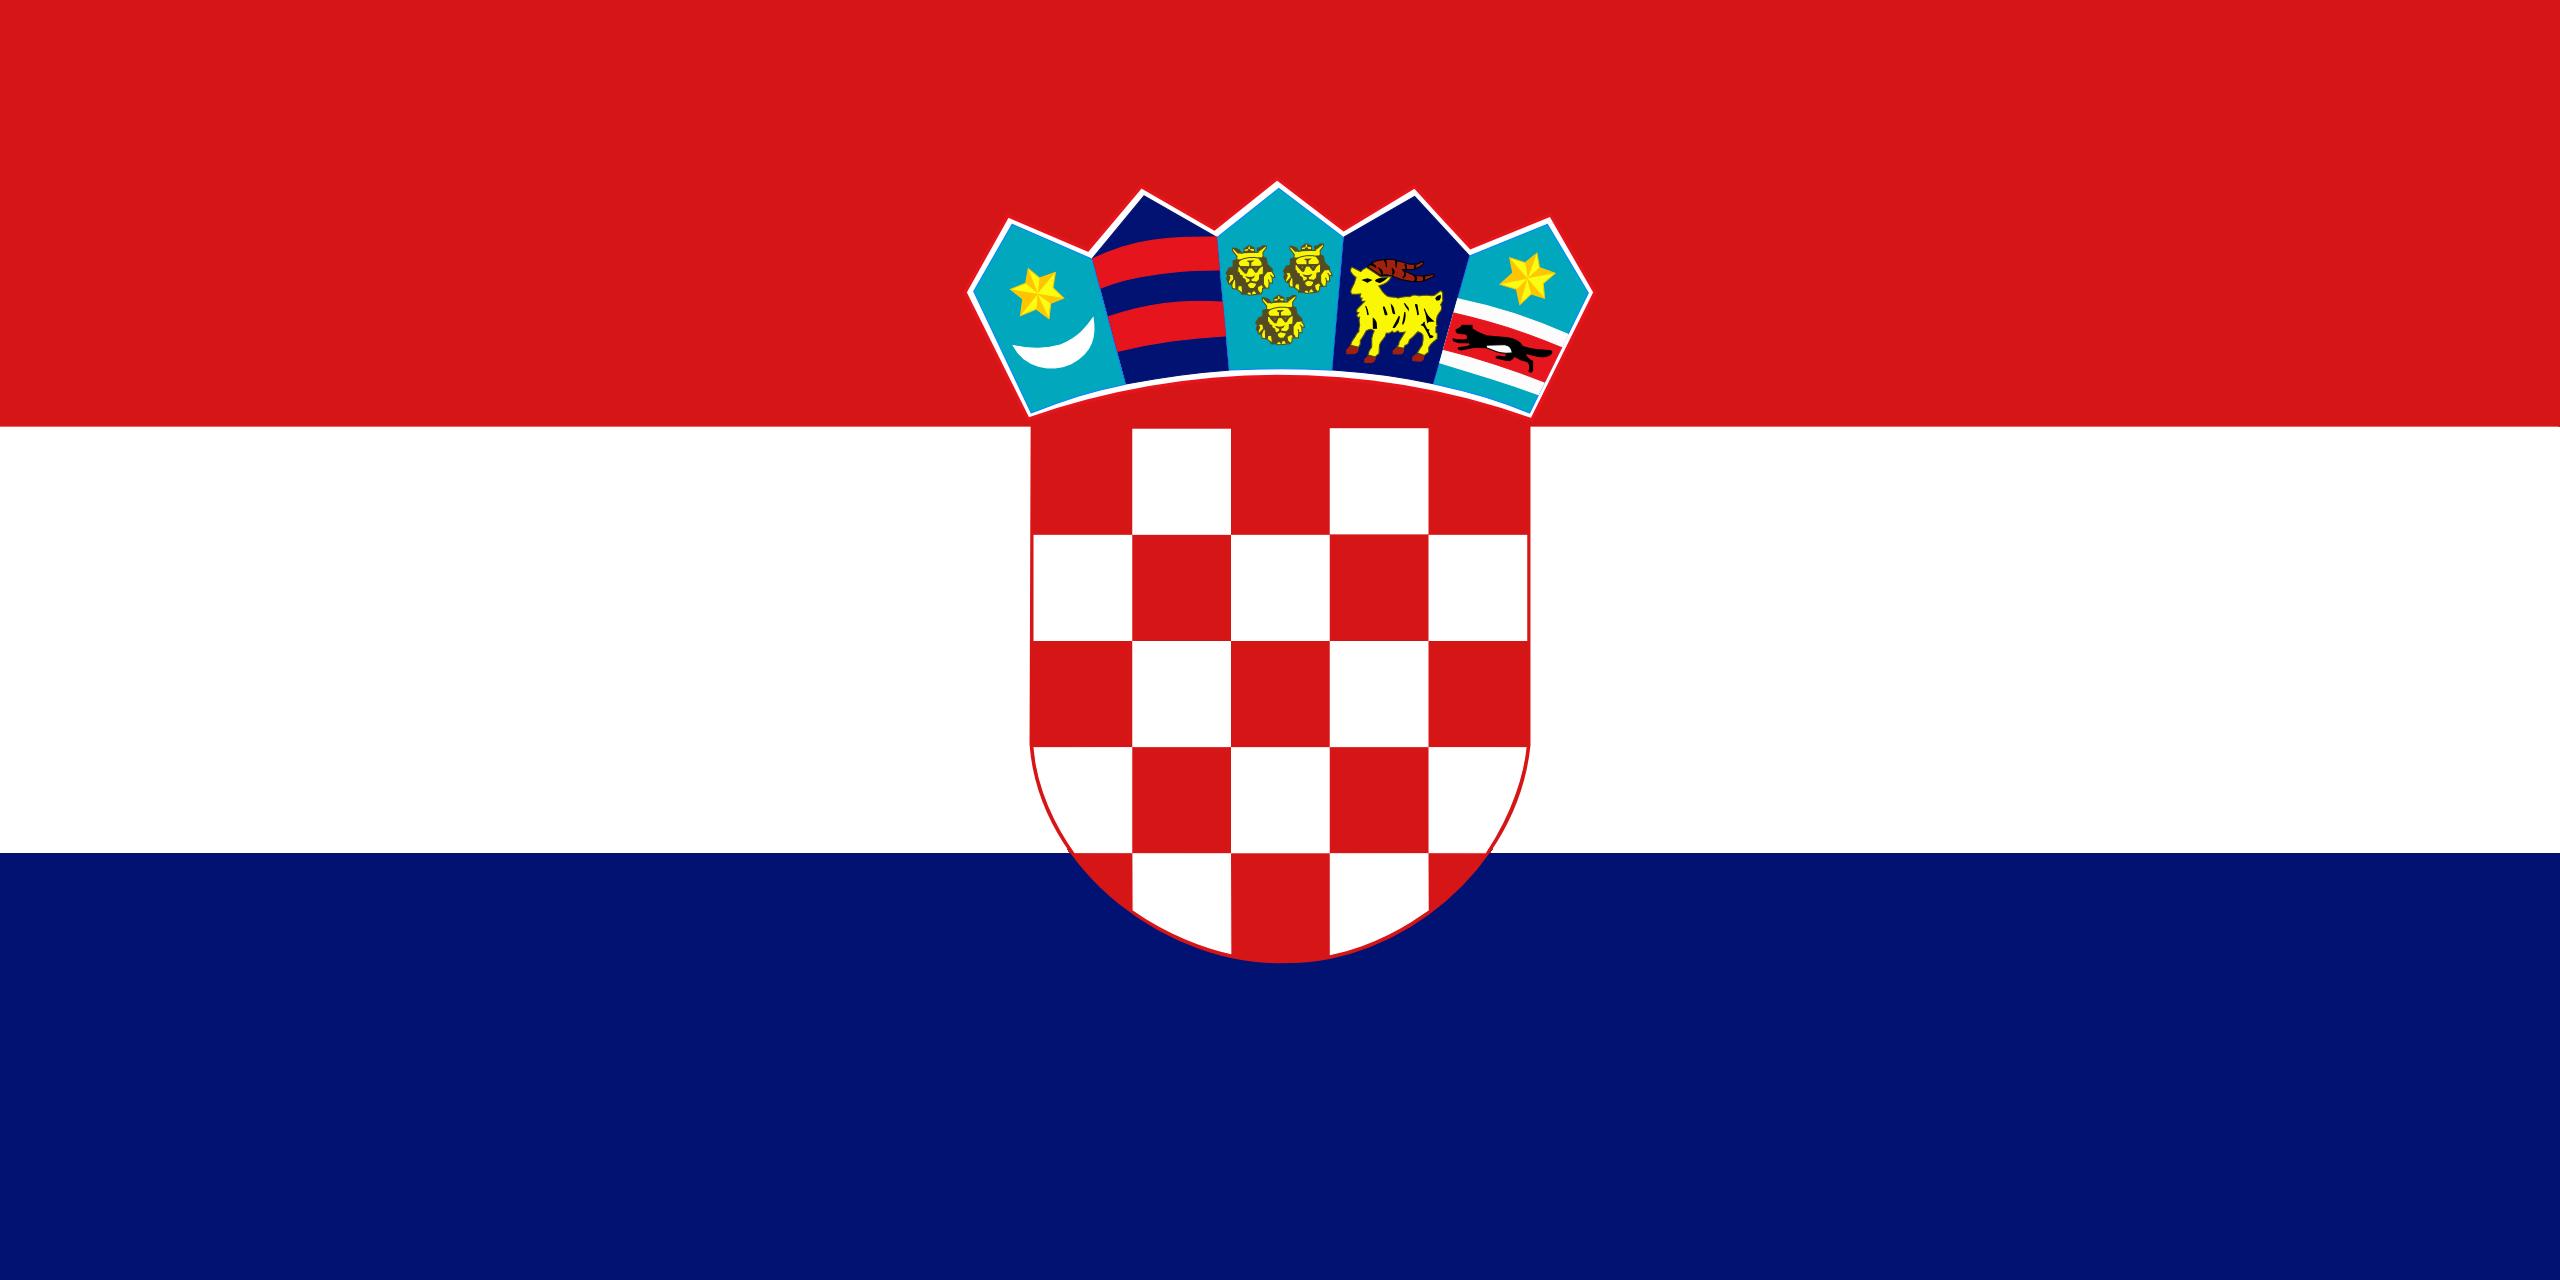 Croácia, país, Brasão de armas, logotipo, símbolo - Papéis de parede HD - Professor-falken.com